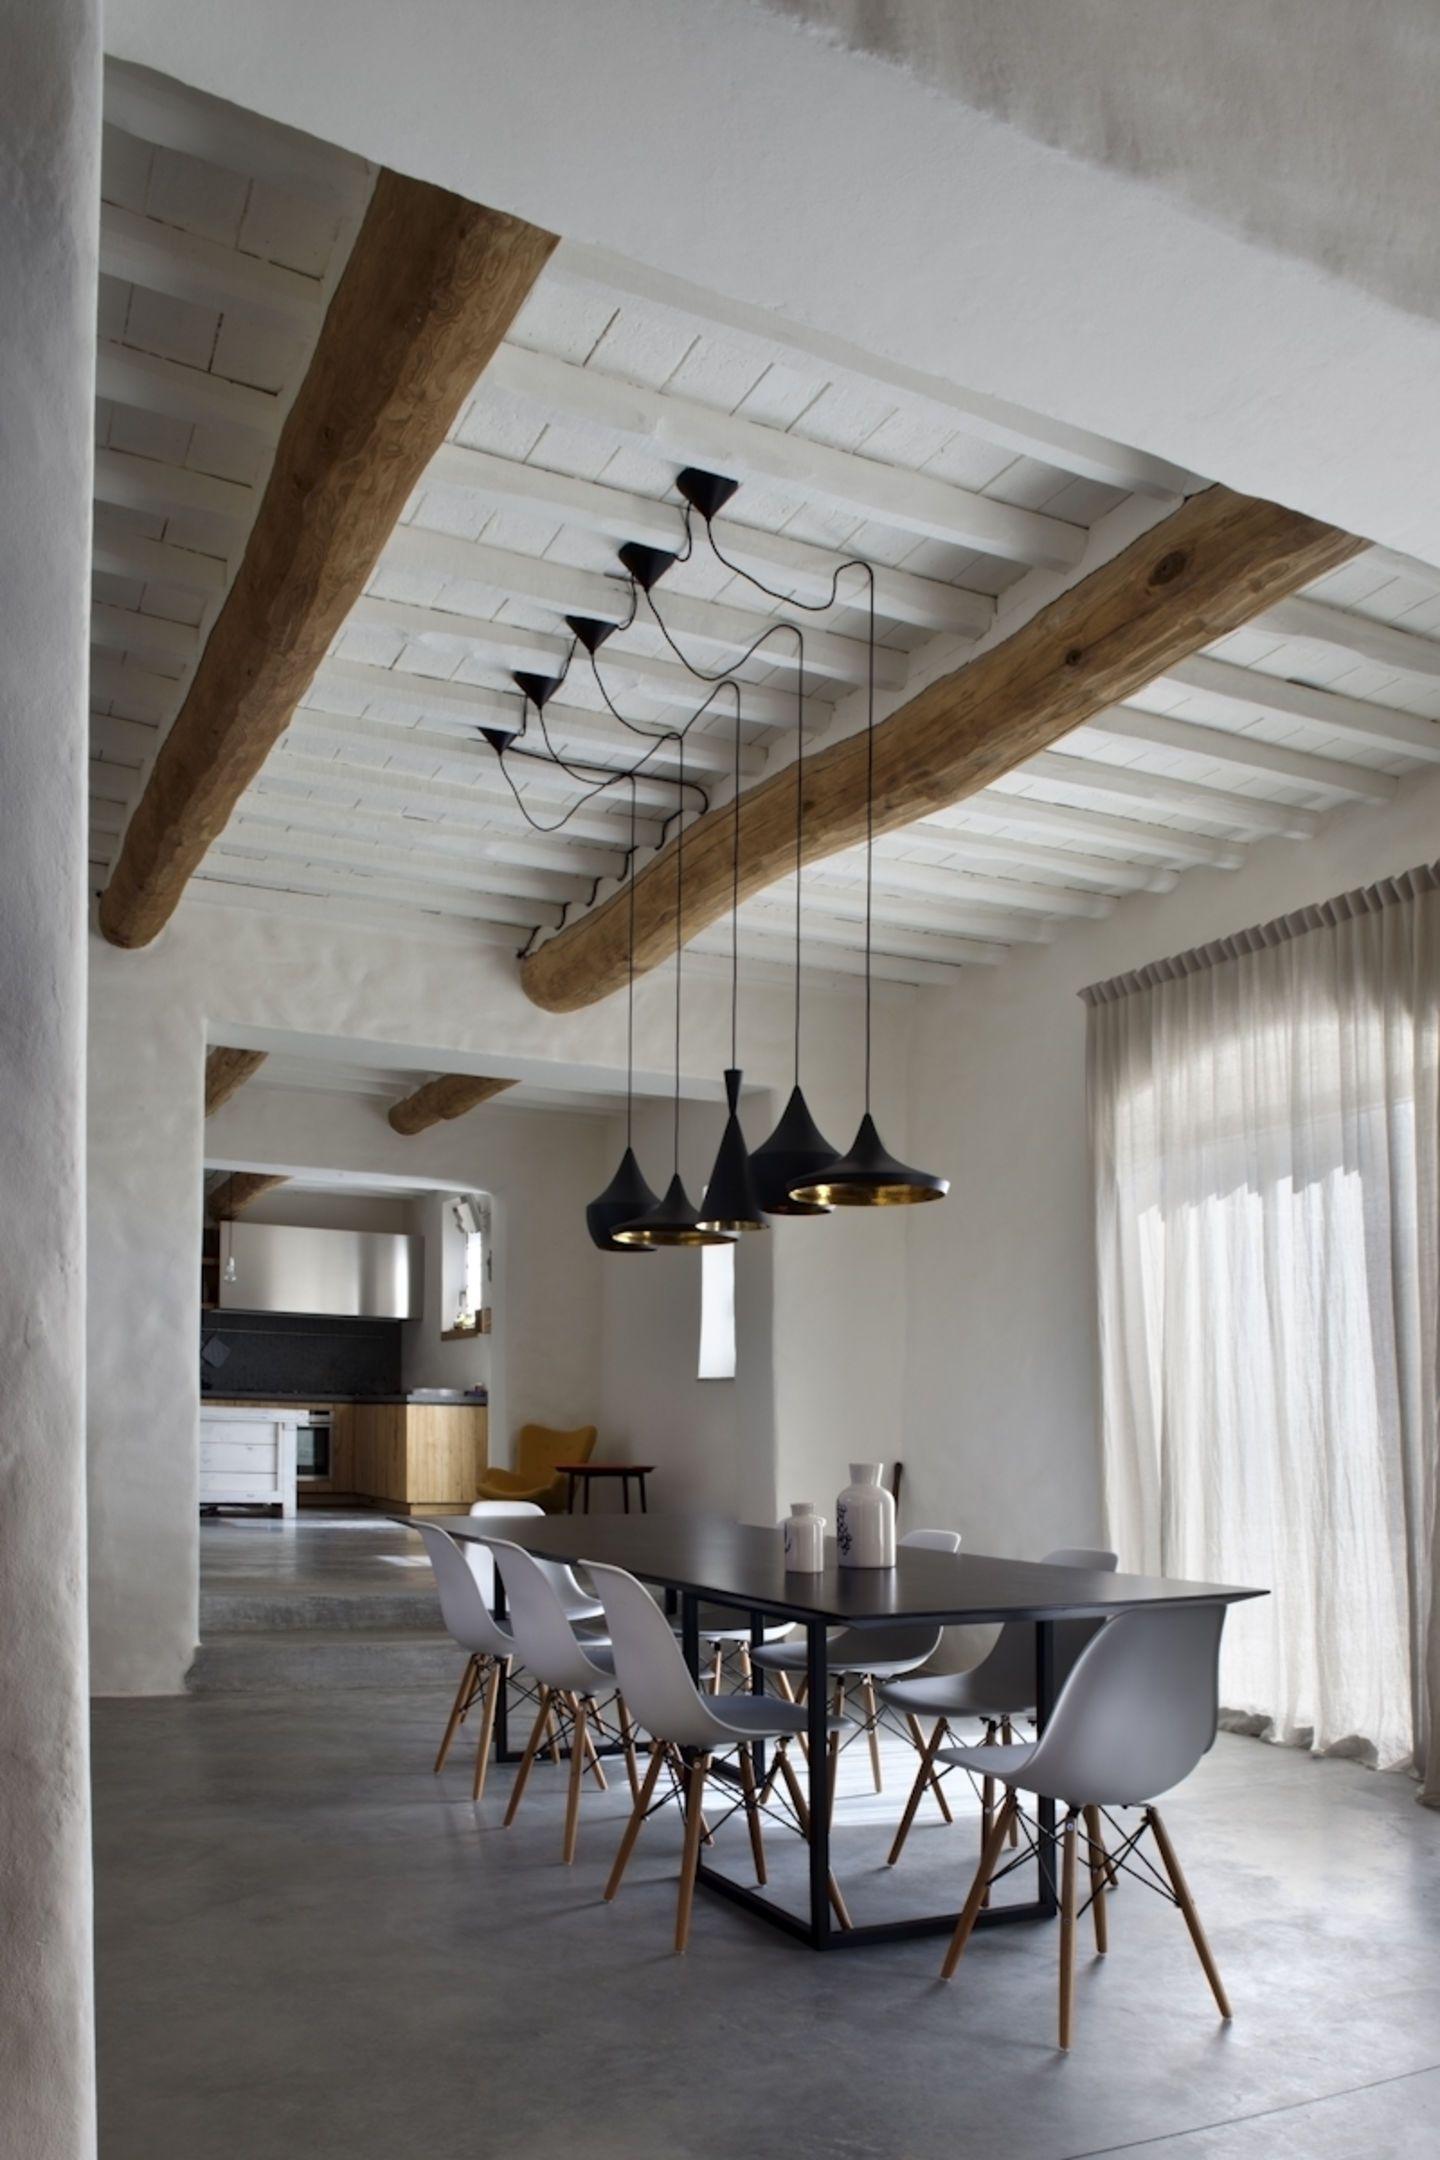 Alessandra bello mide architetti casale in campagna for Case di architetti